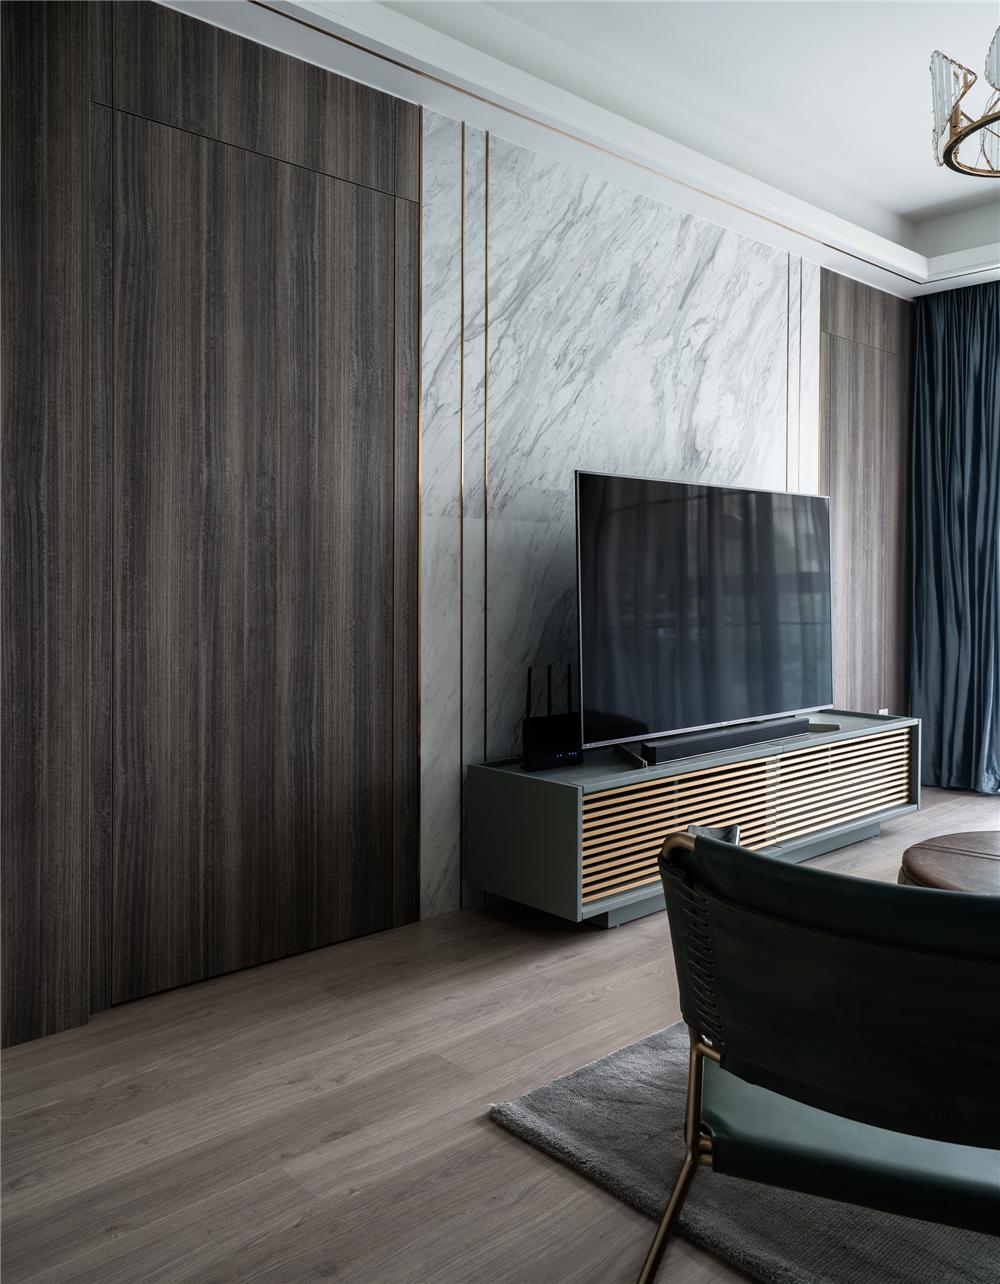 110平米二居室电视背景墙装修效果图